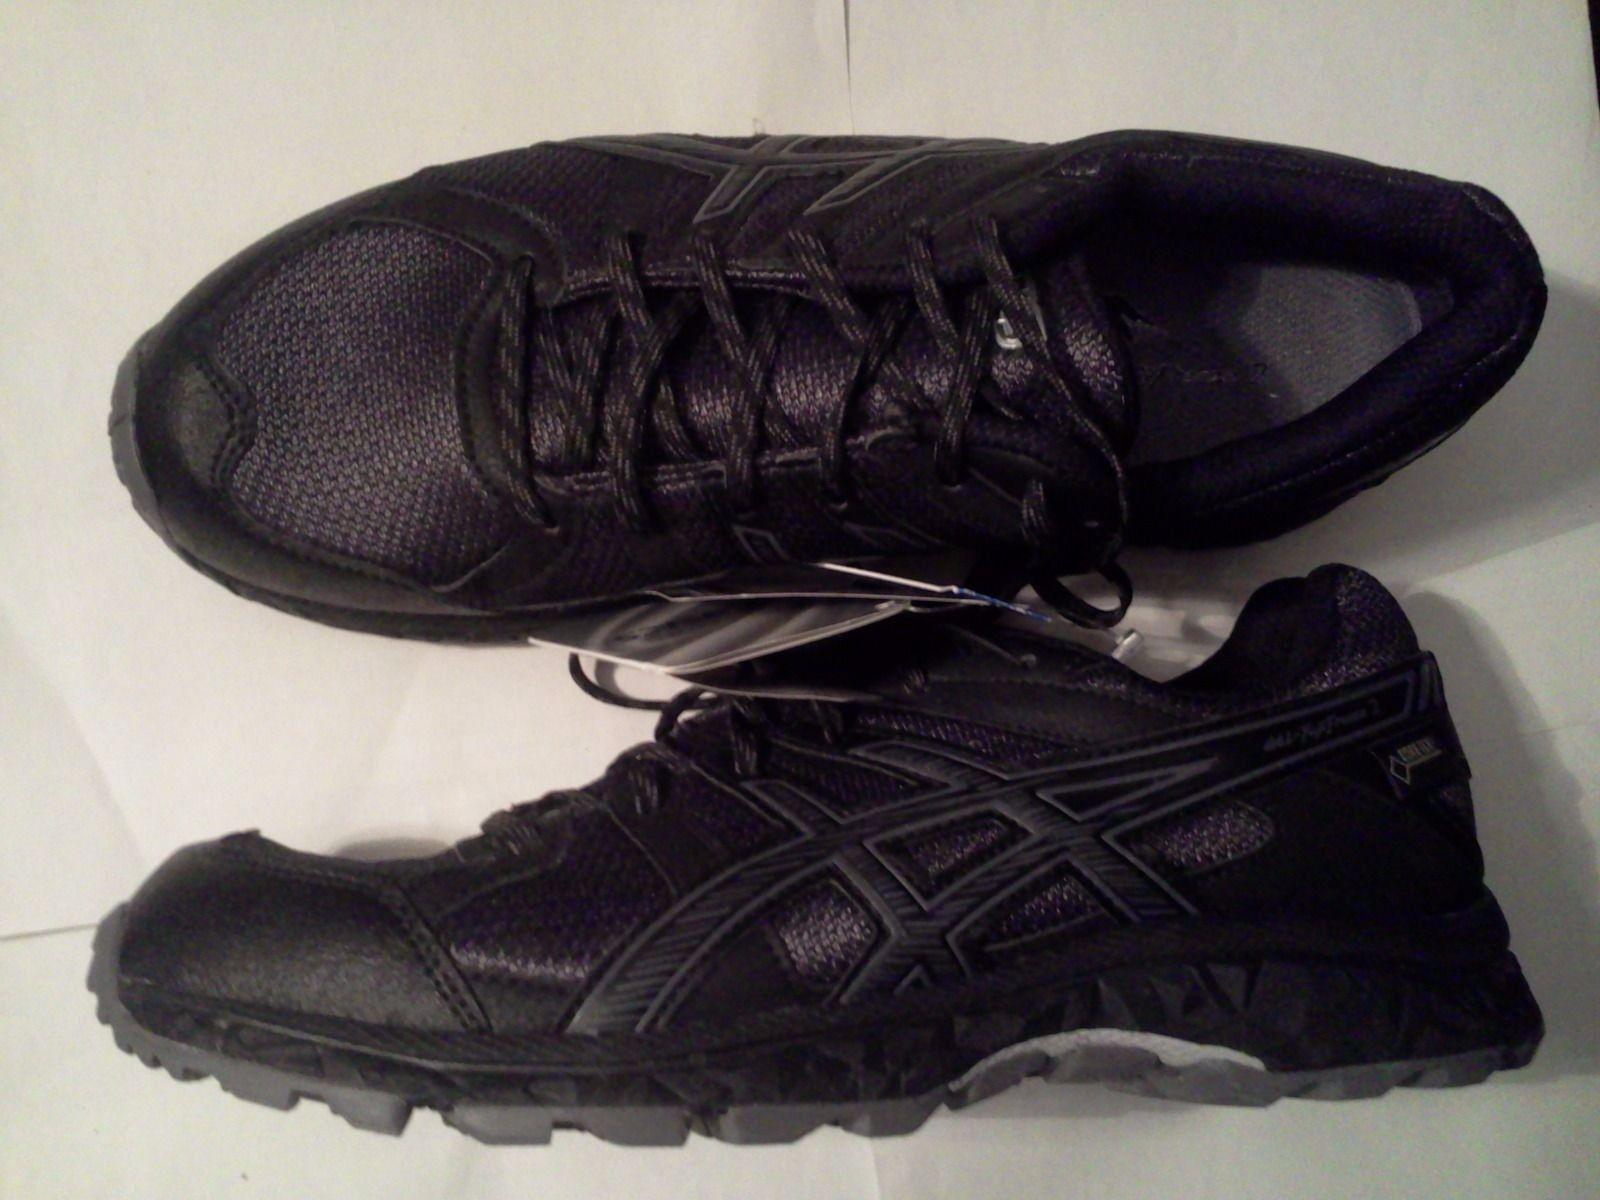 Neu Gr.40,5oder42 ASICS-GEL-Lahar6 Damen Herbst Wander Sport Schuhe schwarz